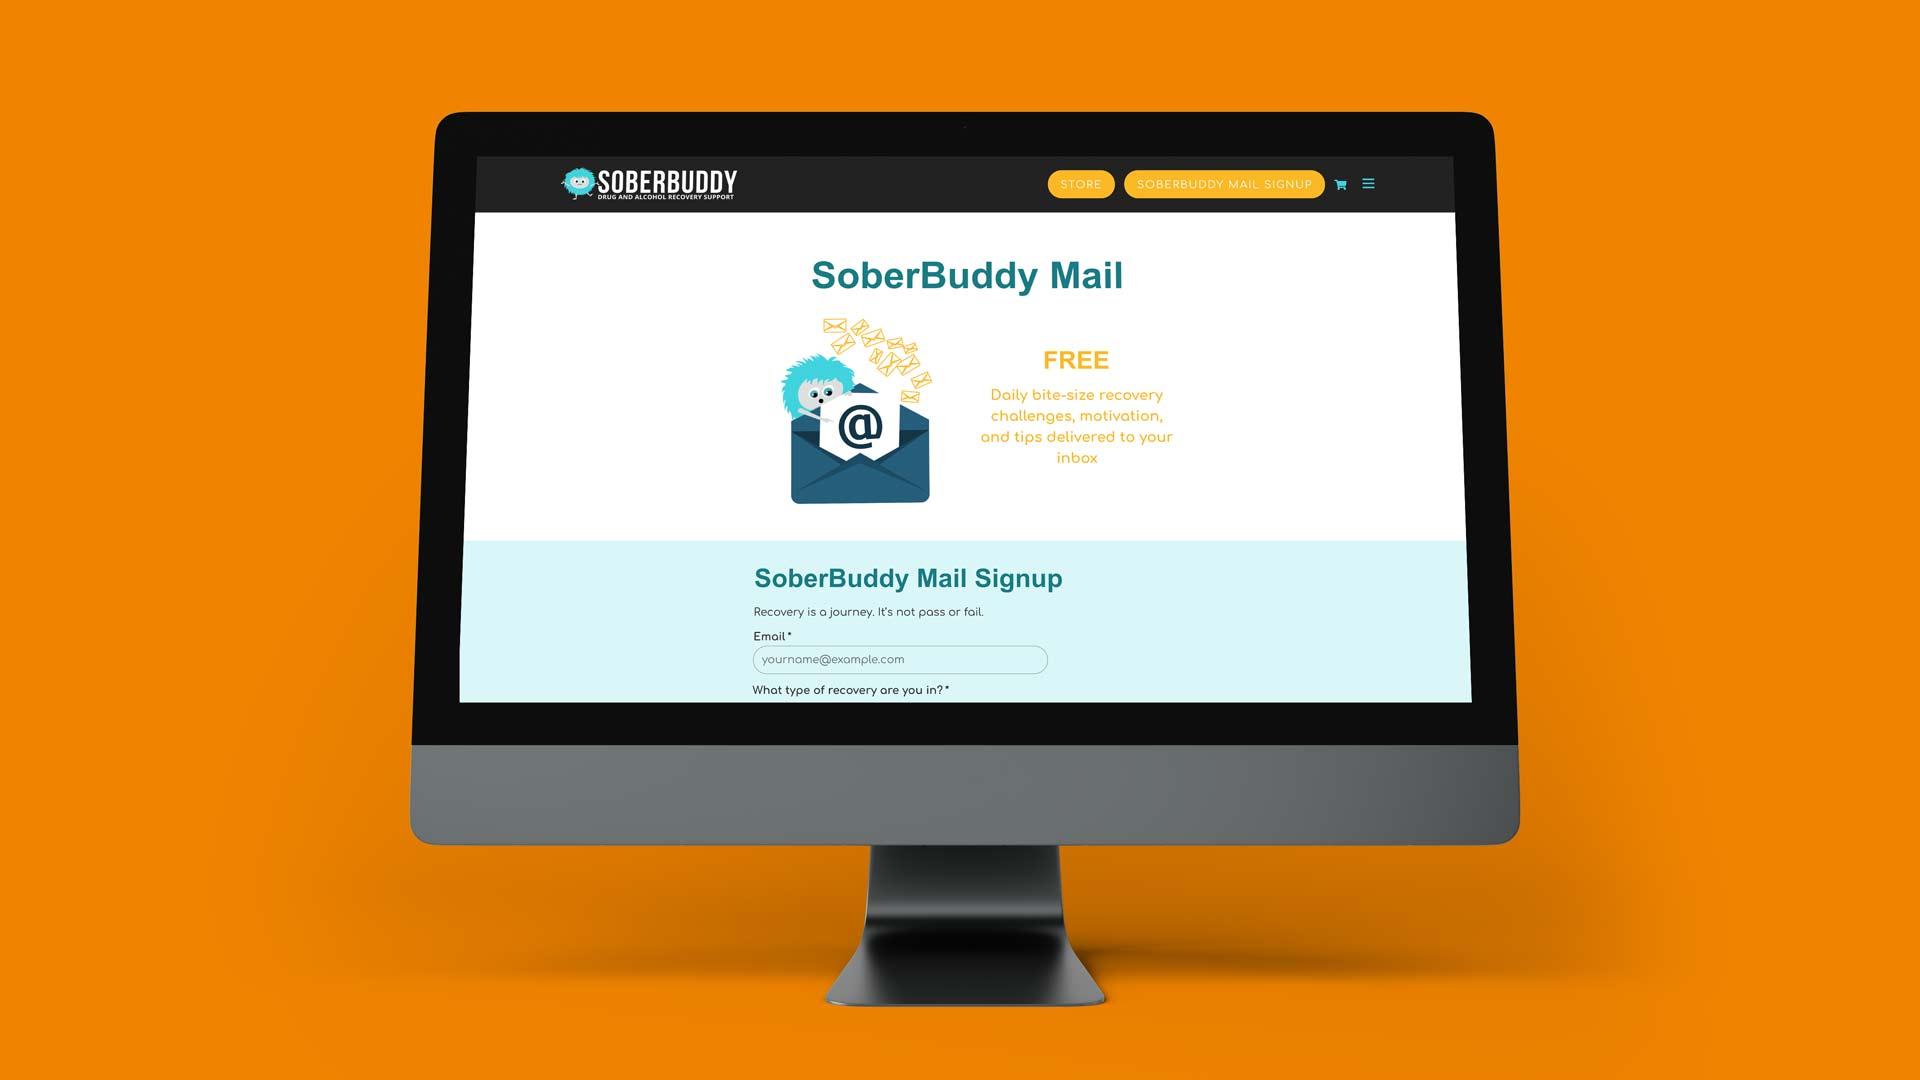 SoberBuddy website